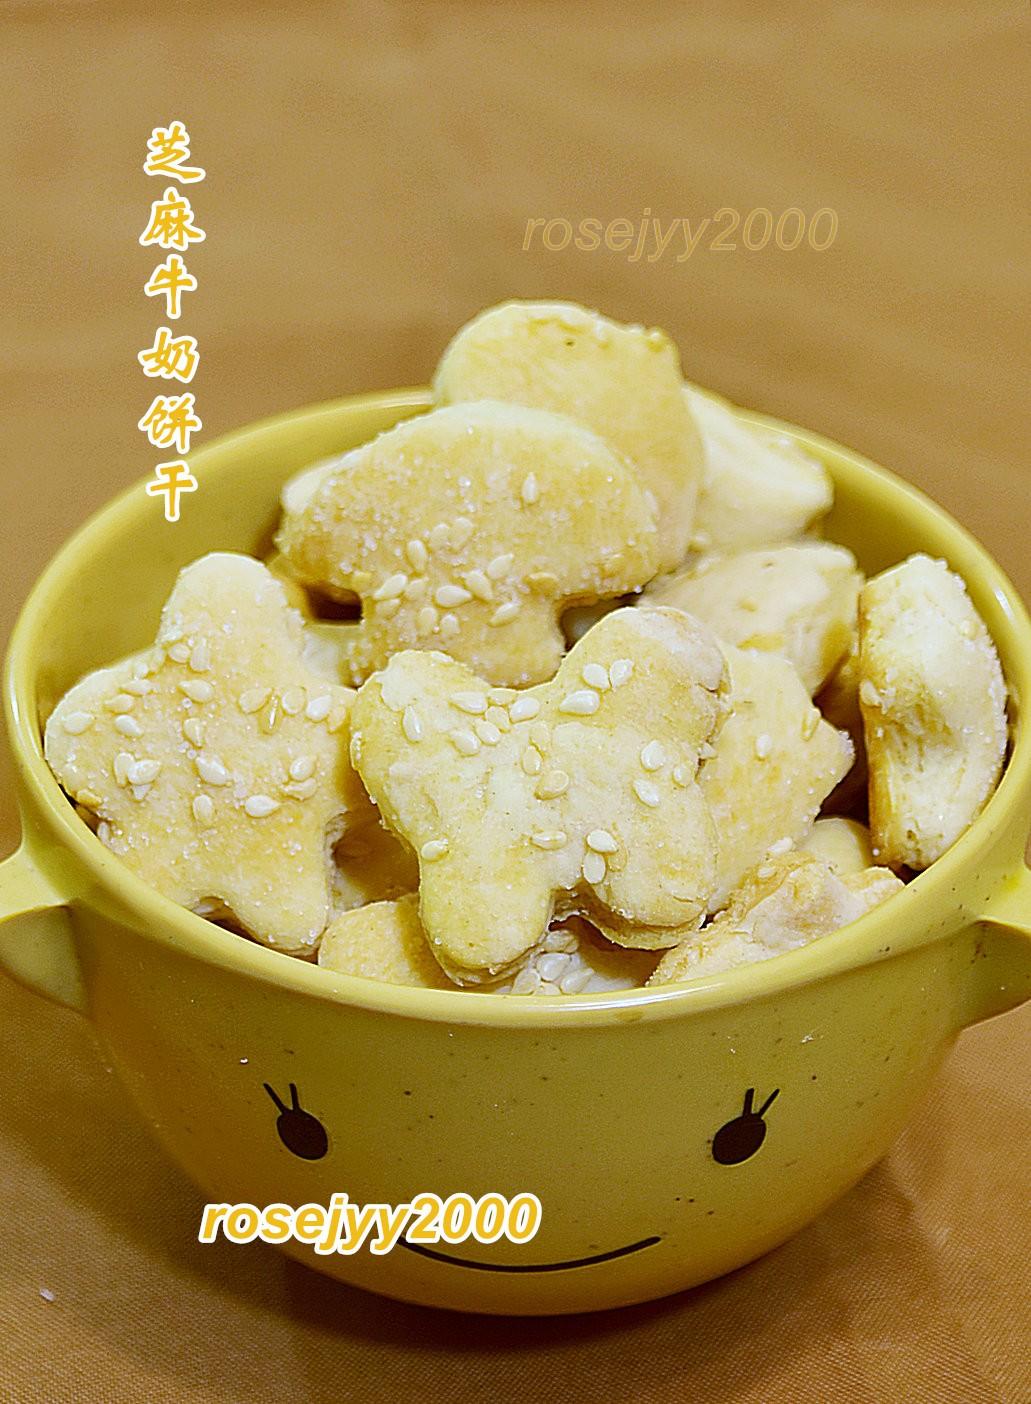 芝麻牛奶饼干_图1-4